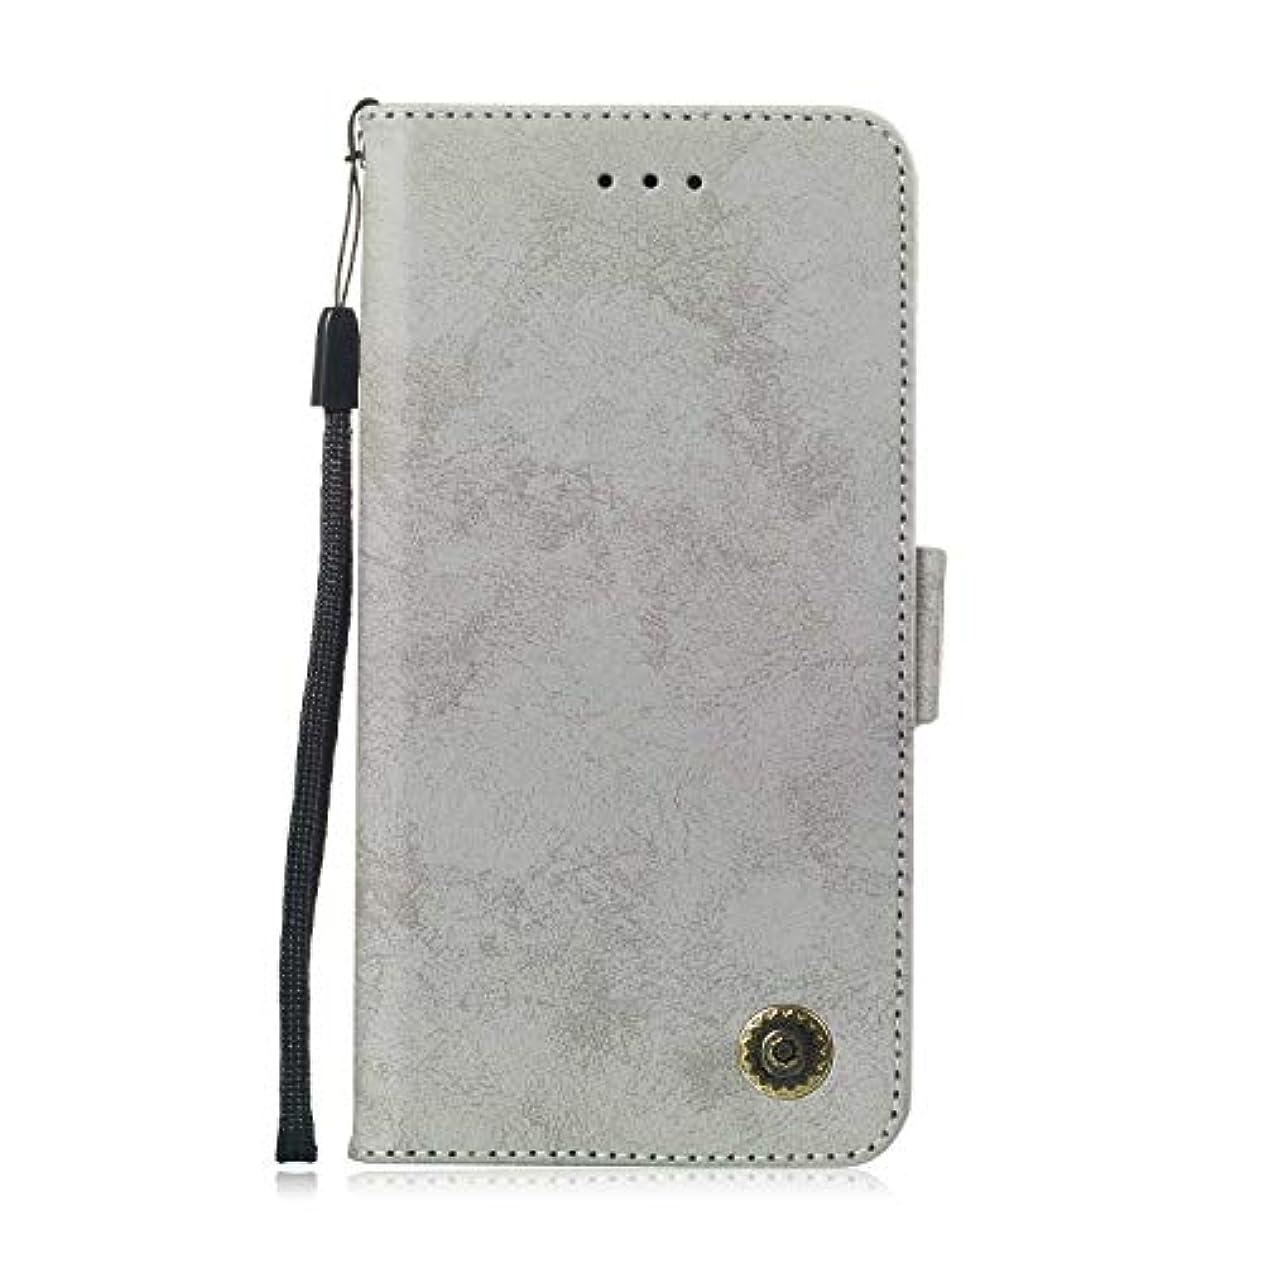 バスタブ自発散文Zeebox® Huawei Mate 20 Lite 手帳型ケース Huawei Mate 20 Lite 手帳型カバー 財布型 合皮PUレザー マグネット式 保護ケース カード収納 スタンド 機能 (グレー #5)